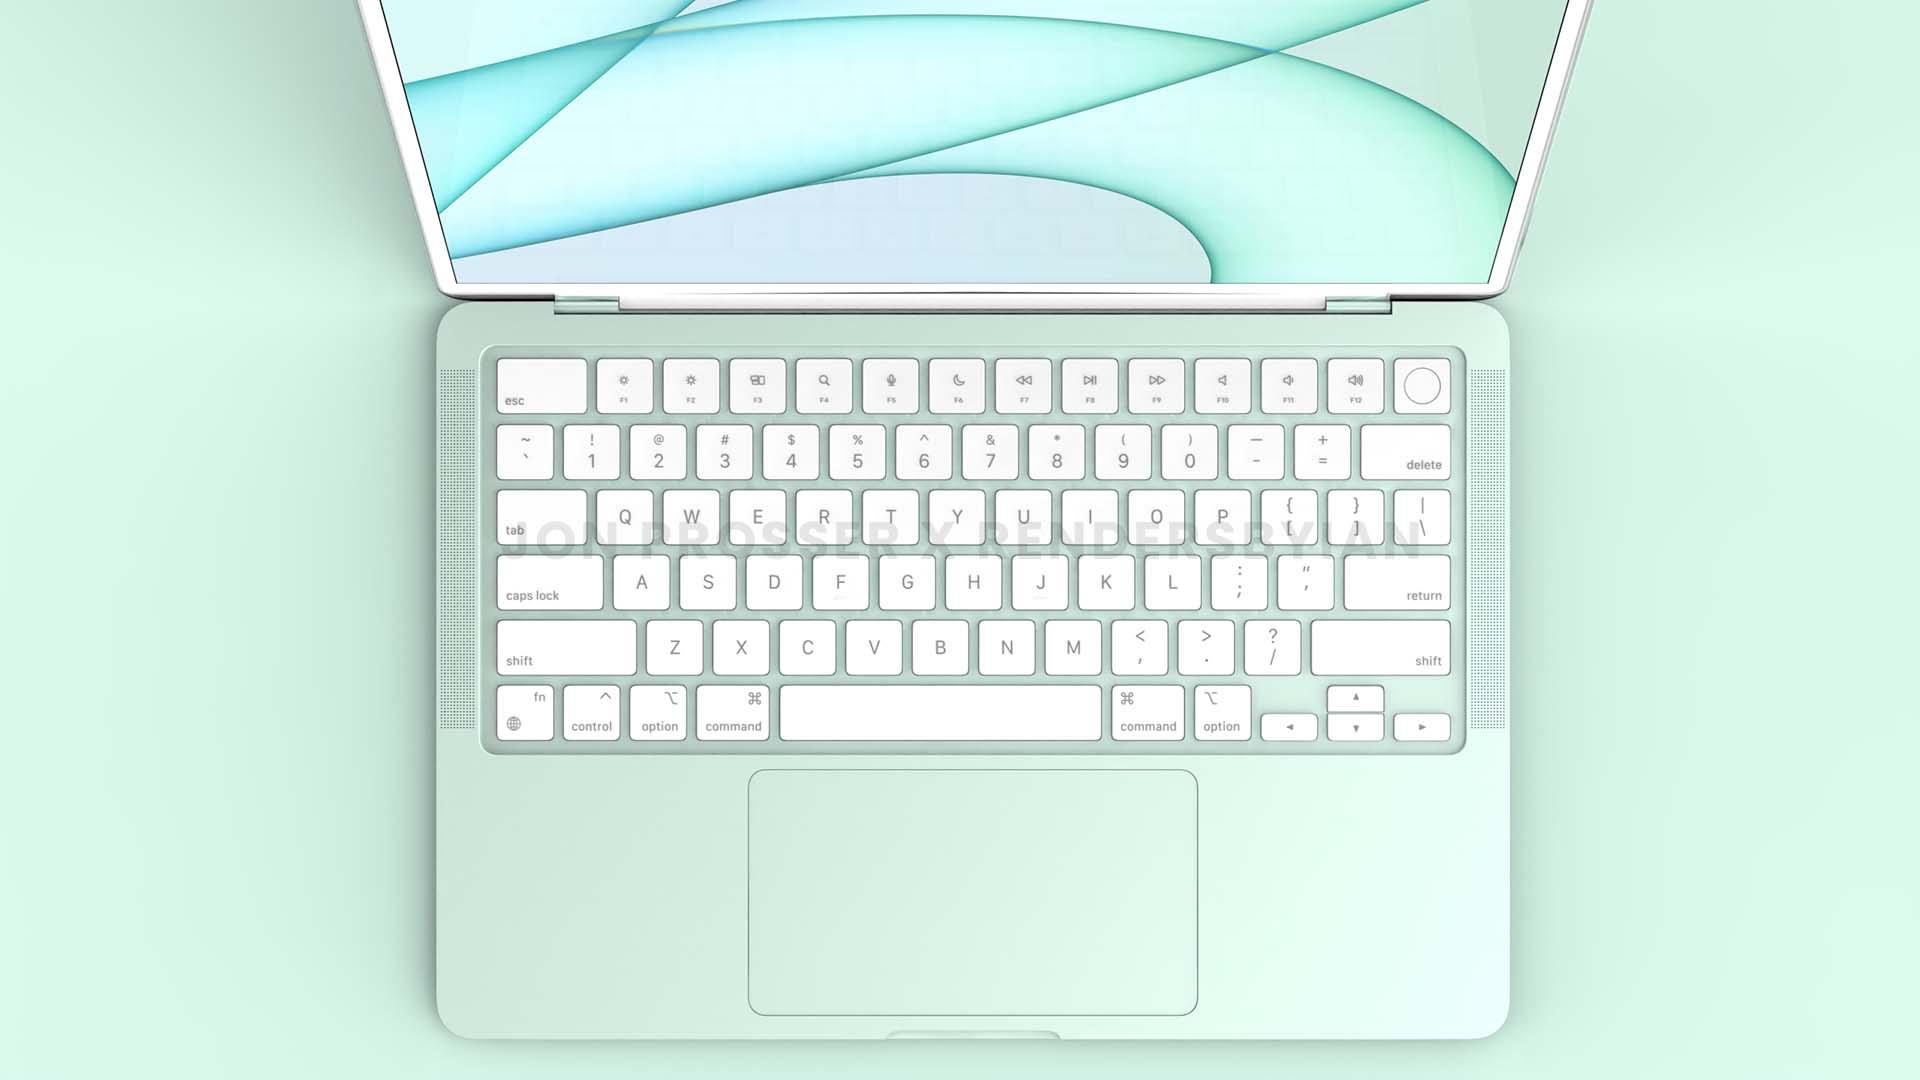 Teclado e Trackpad do futuro MacBook Air com processador M2